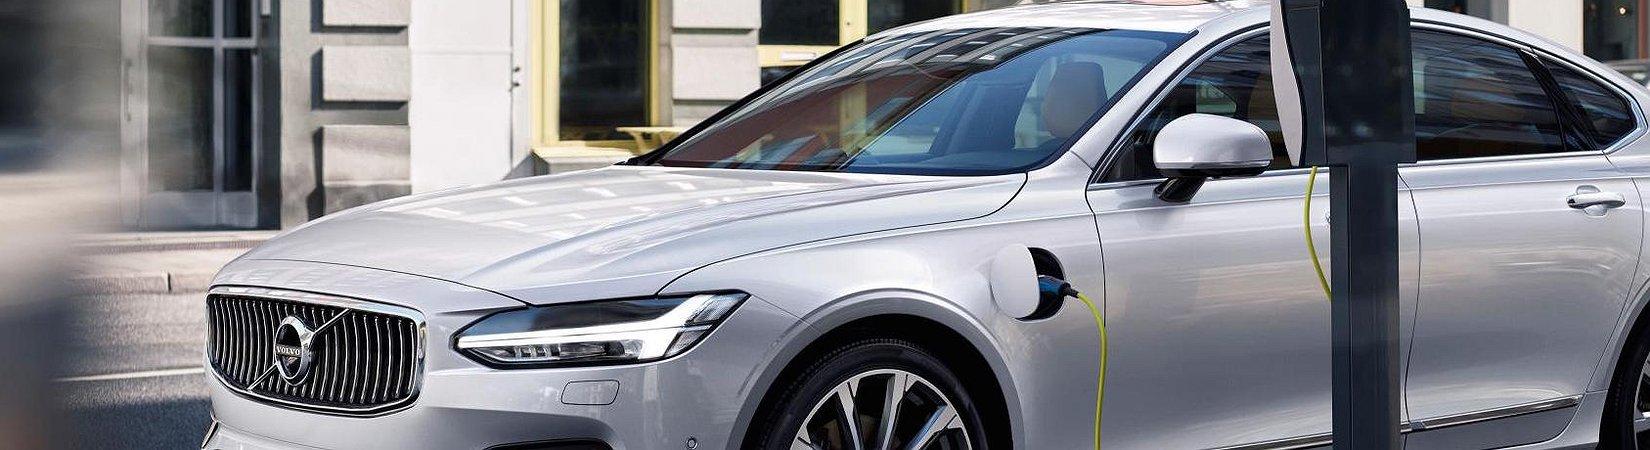 Volvo полностью перейдет на производство гибридов и электромобилей